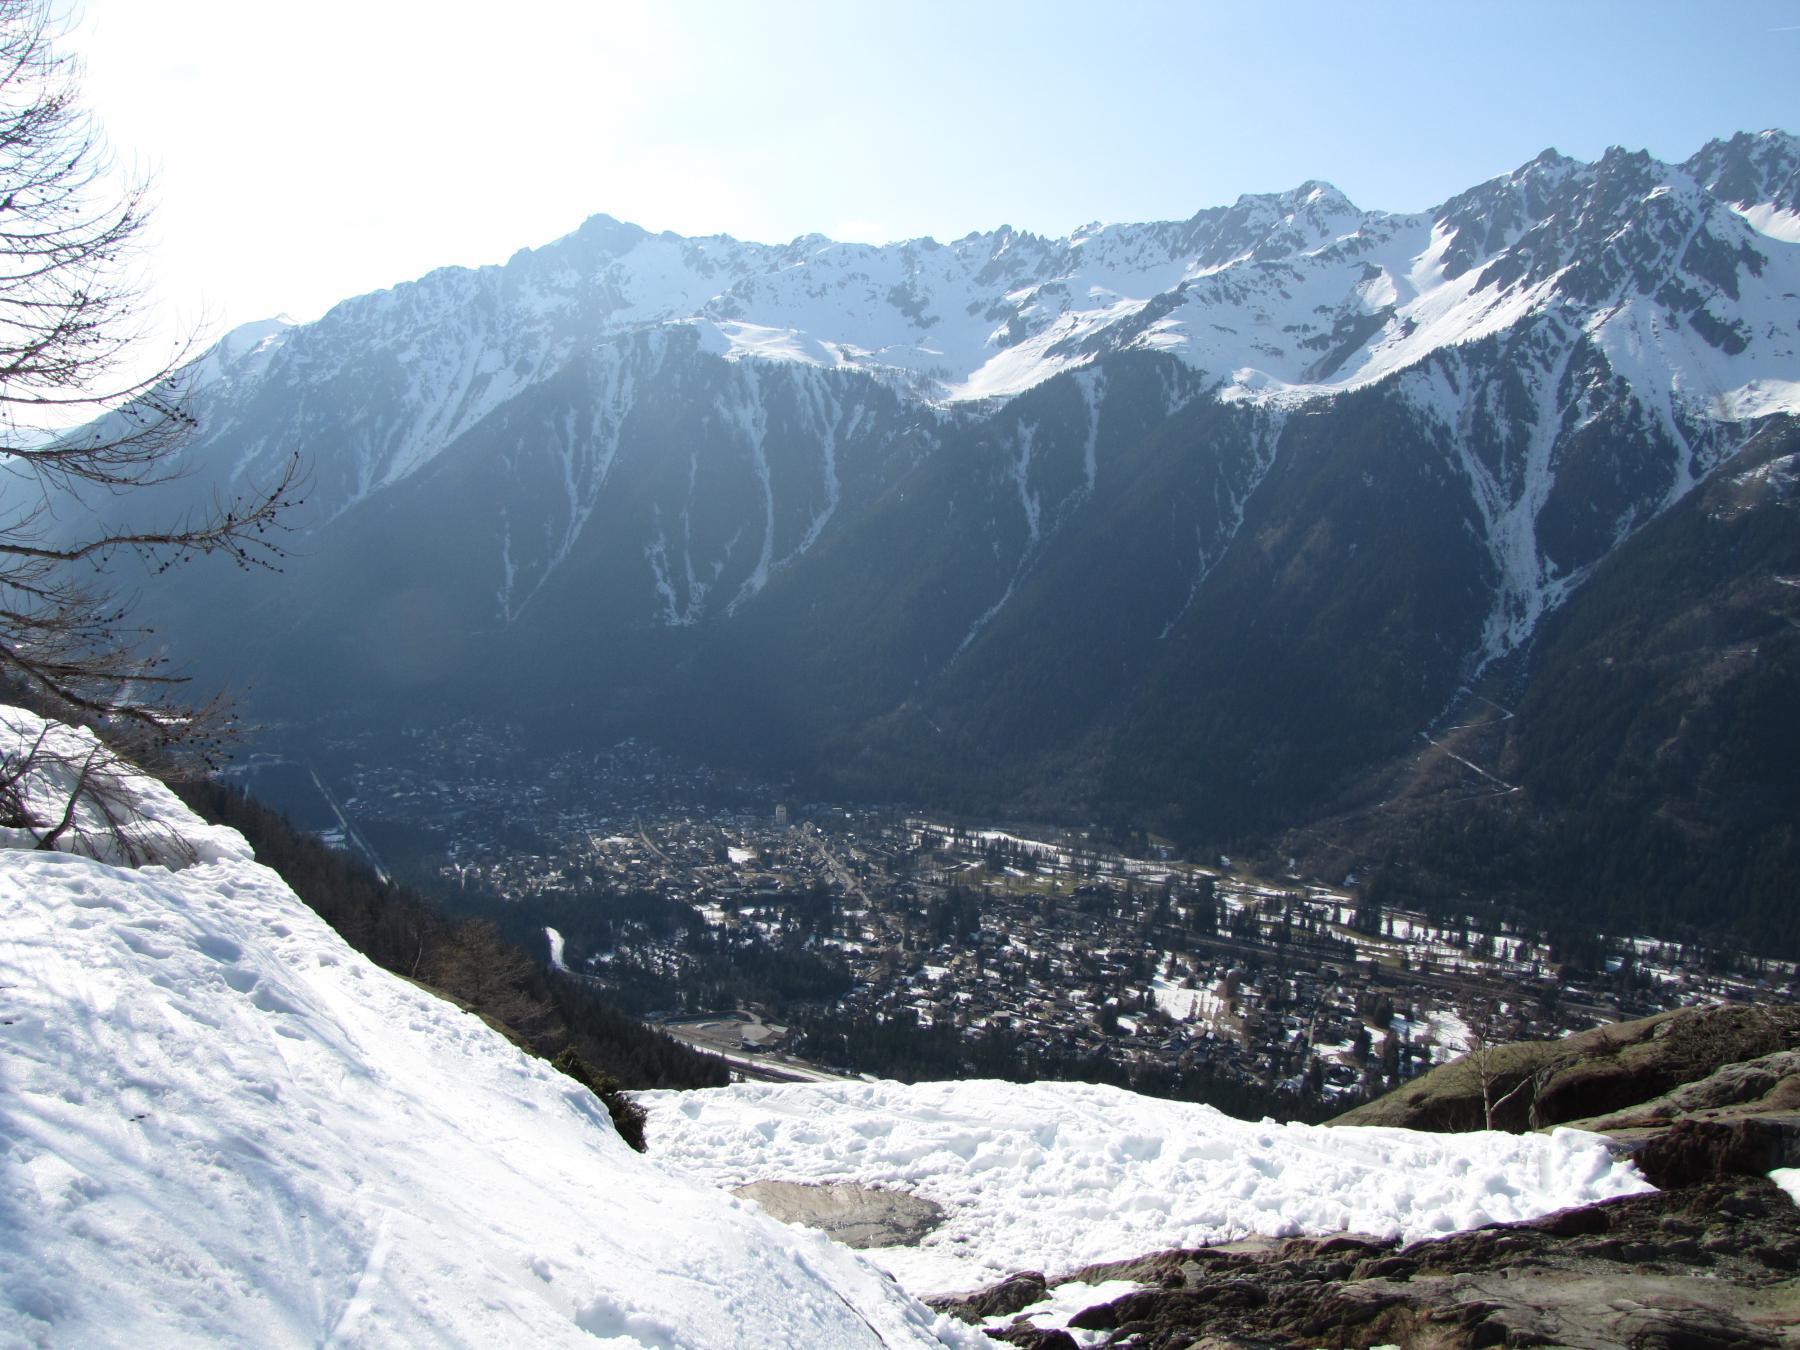 neve agli sgoccioli scendendo nella valle di Chamonix